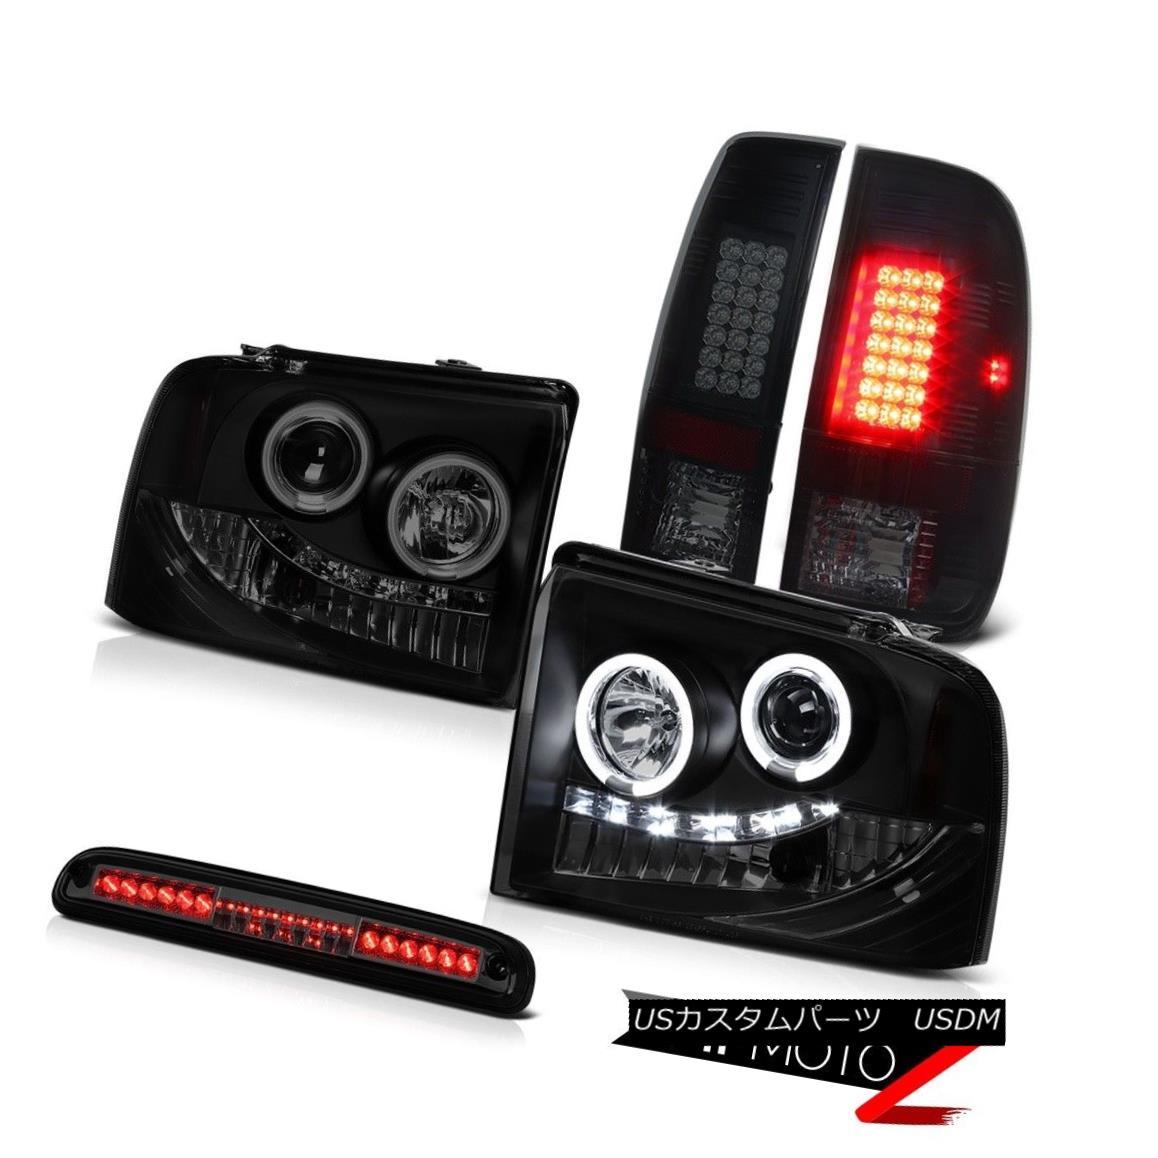 テールライト 2005-2007 F250 Highline CCFL Rim Headlights Black Smoke LED Tail Light 3rd Brake 2005-2007 F250 Highline CCFLリムヘッドライトブラックスモークLEDテールライト3rdブレーキ